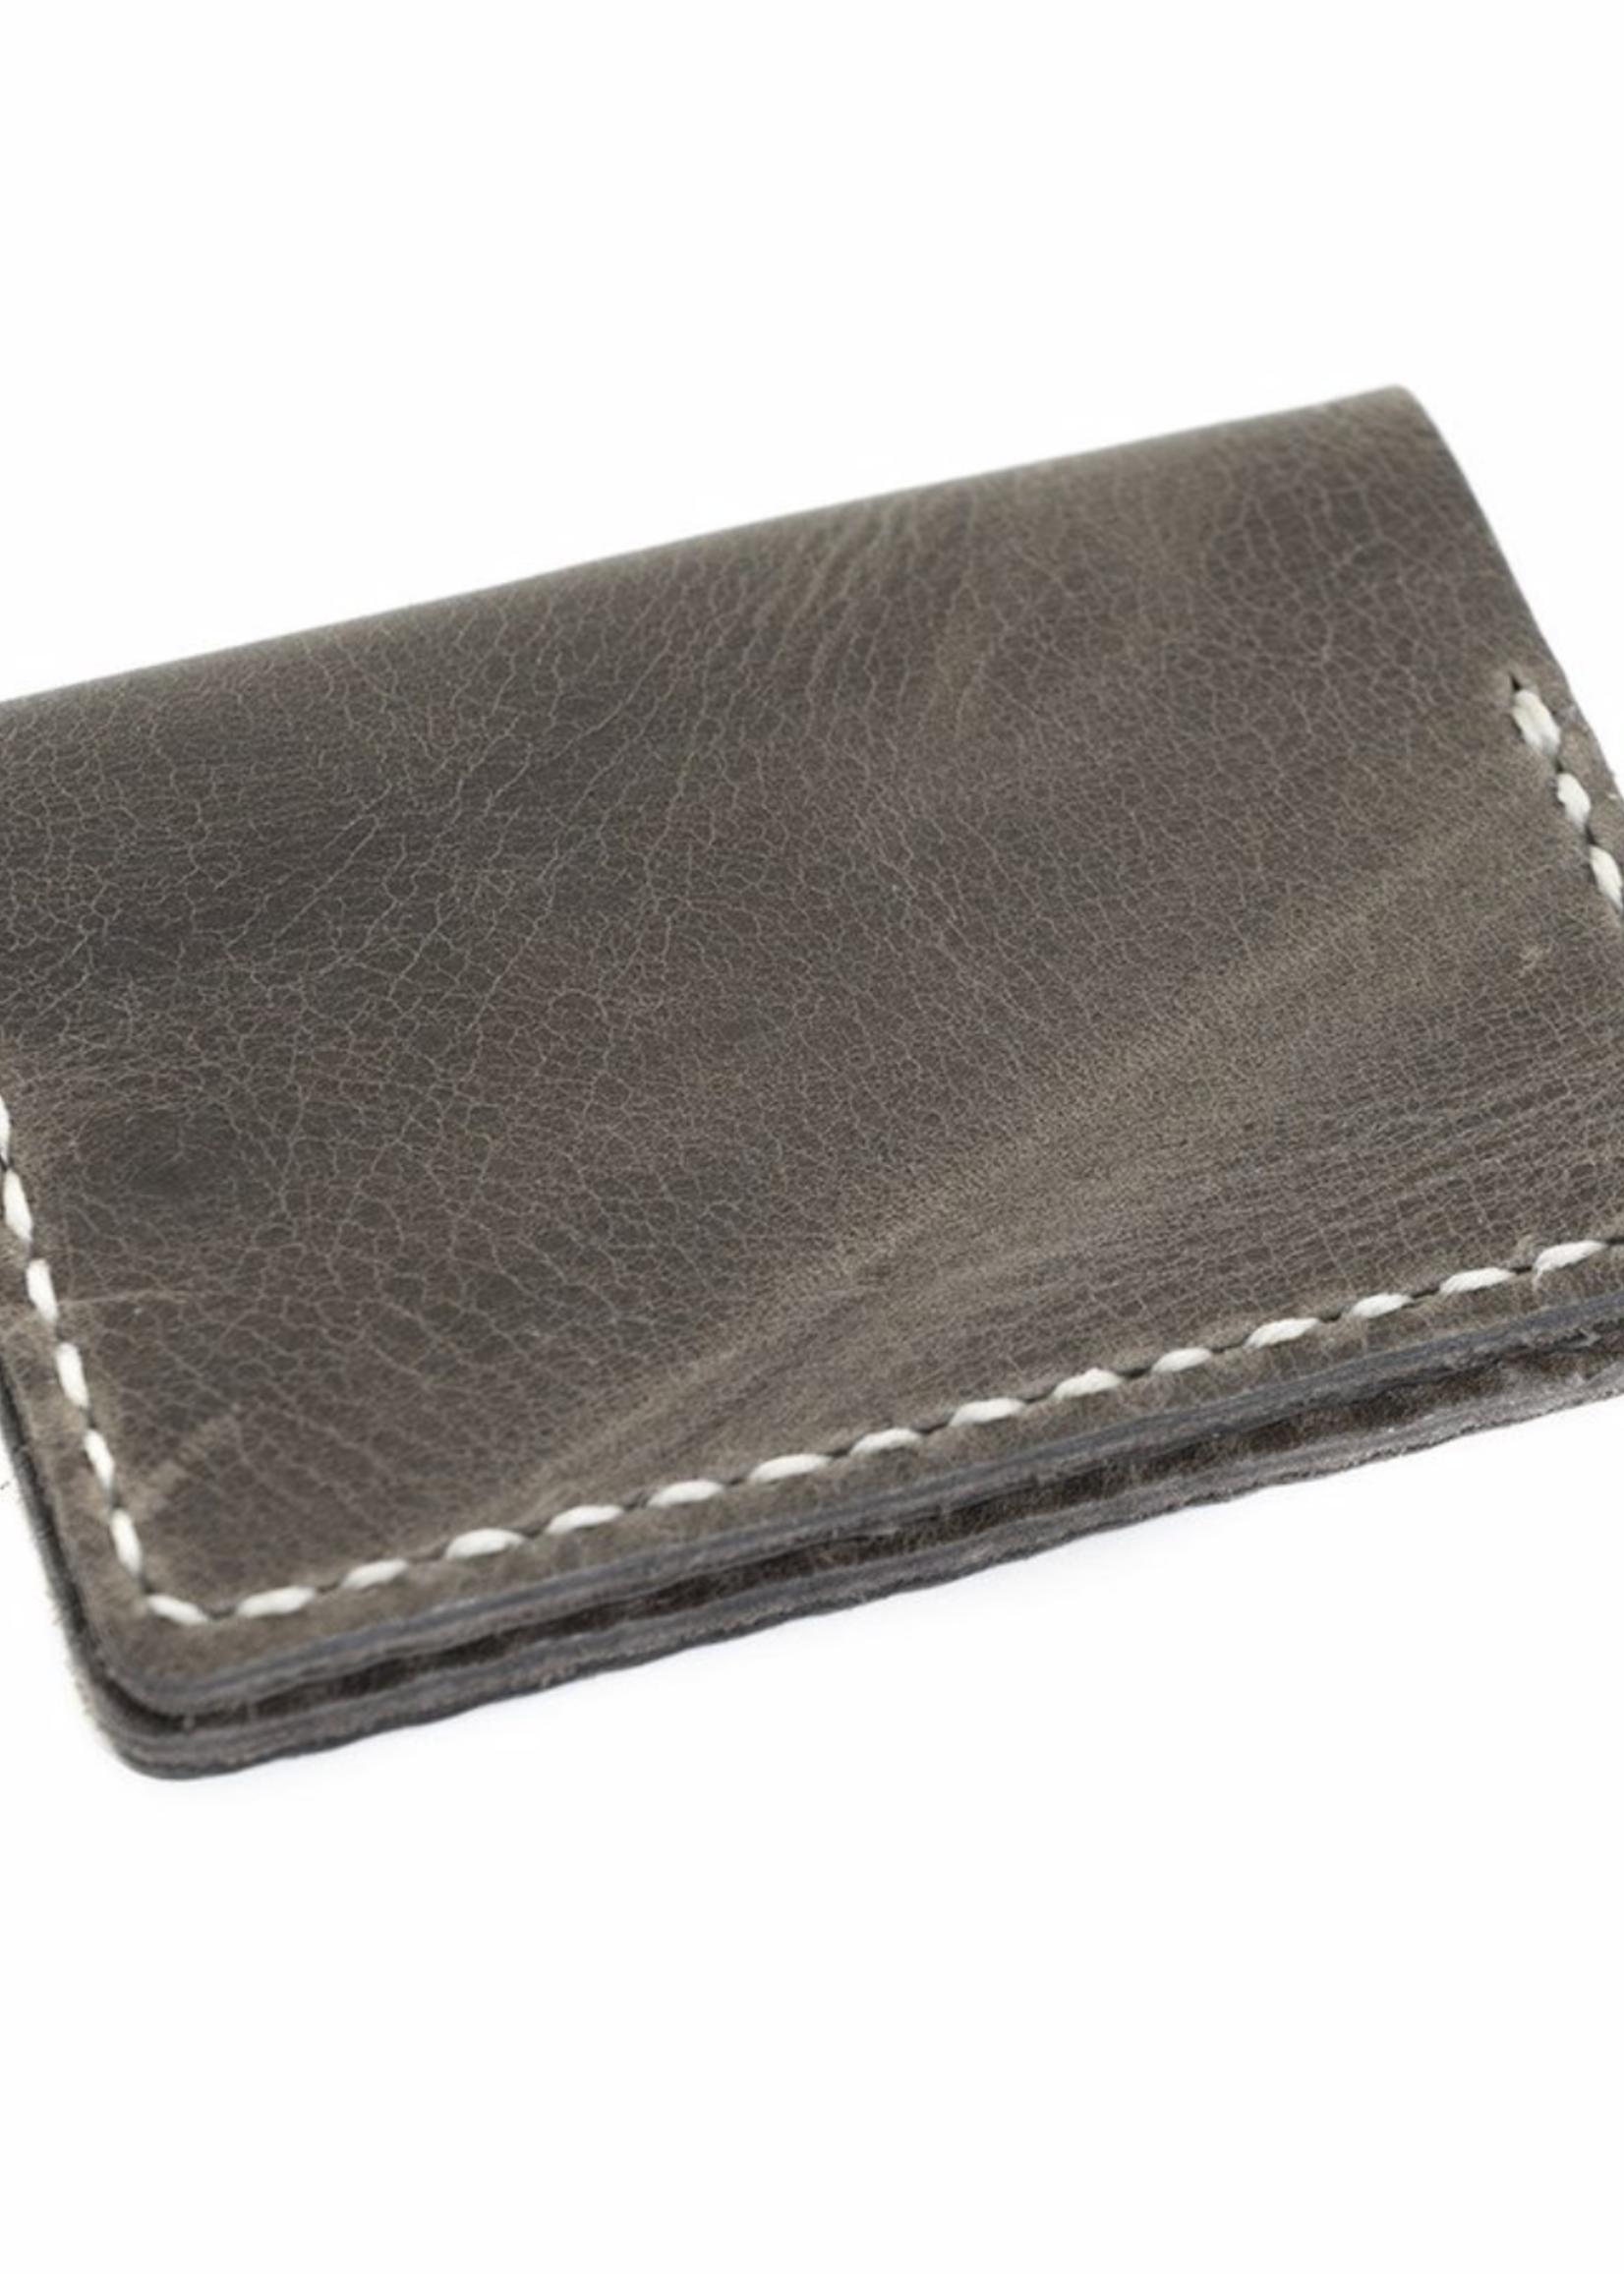 Rustico Rustico Voyager Wallet Charcoal